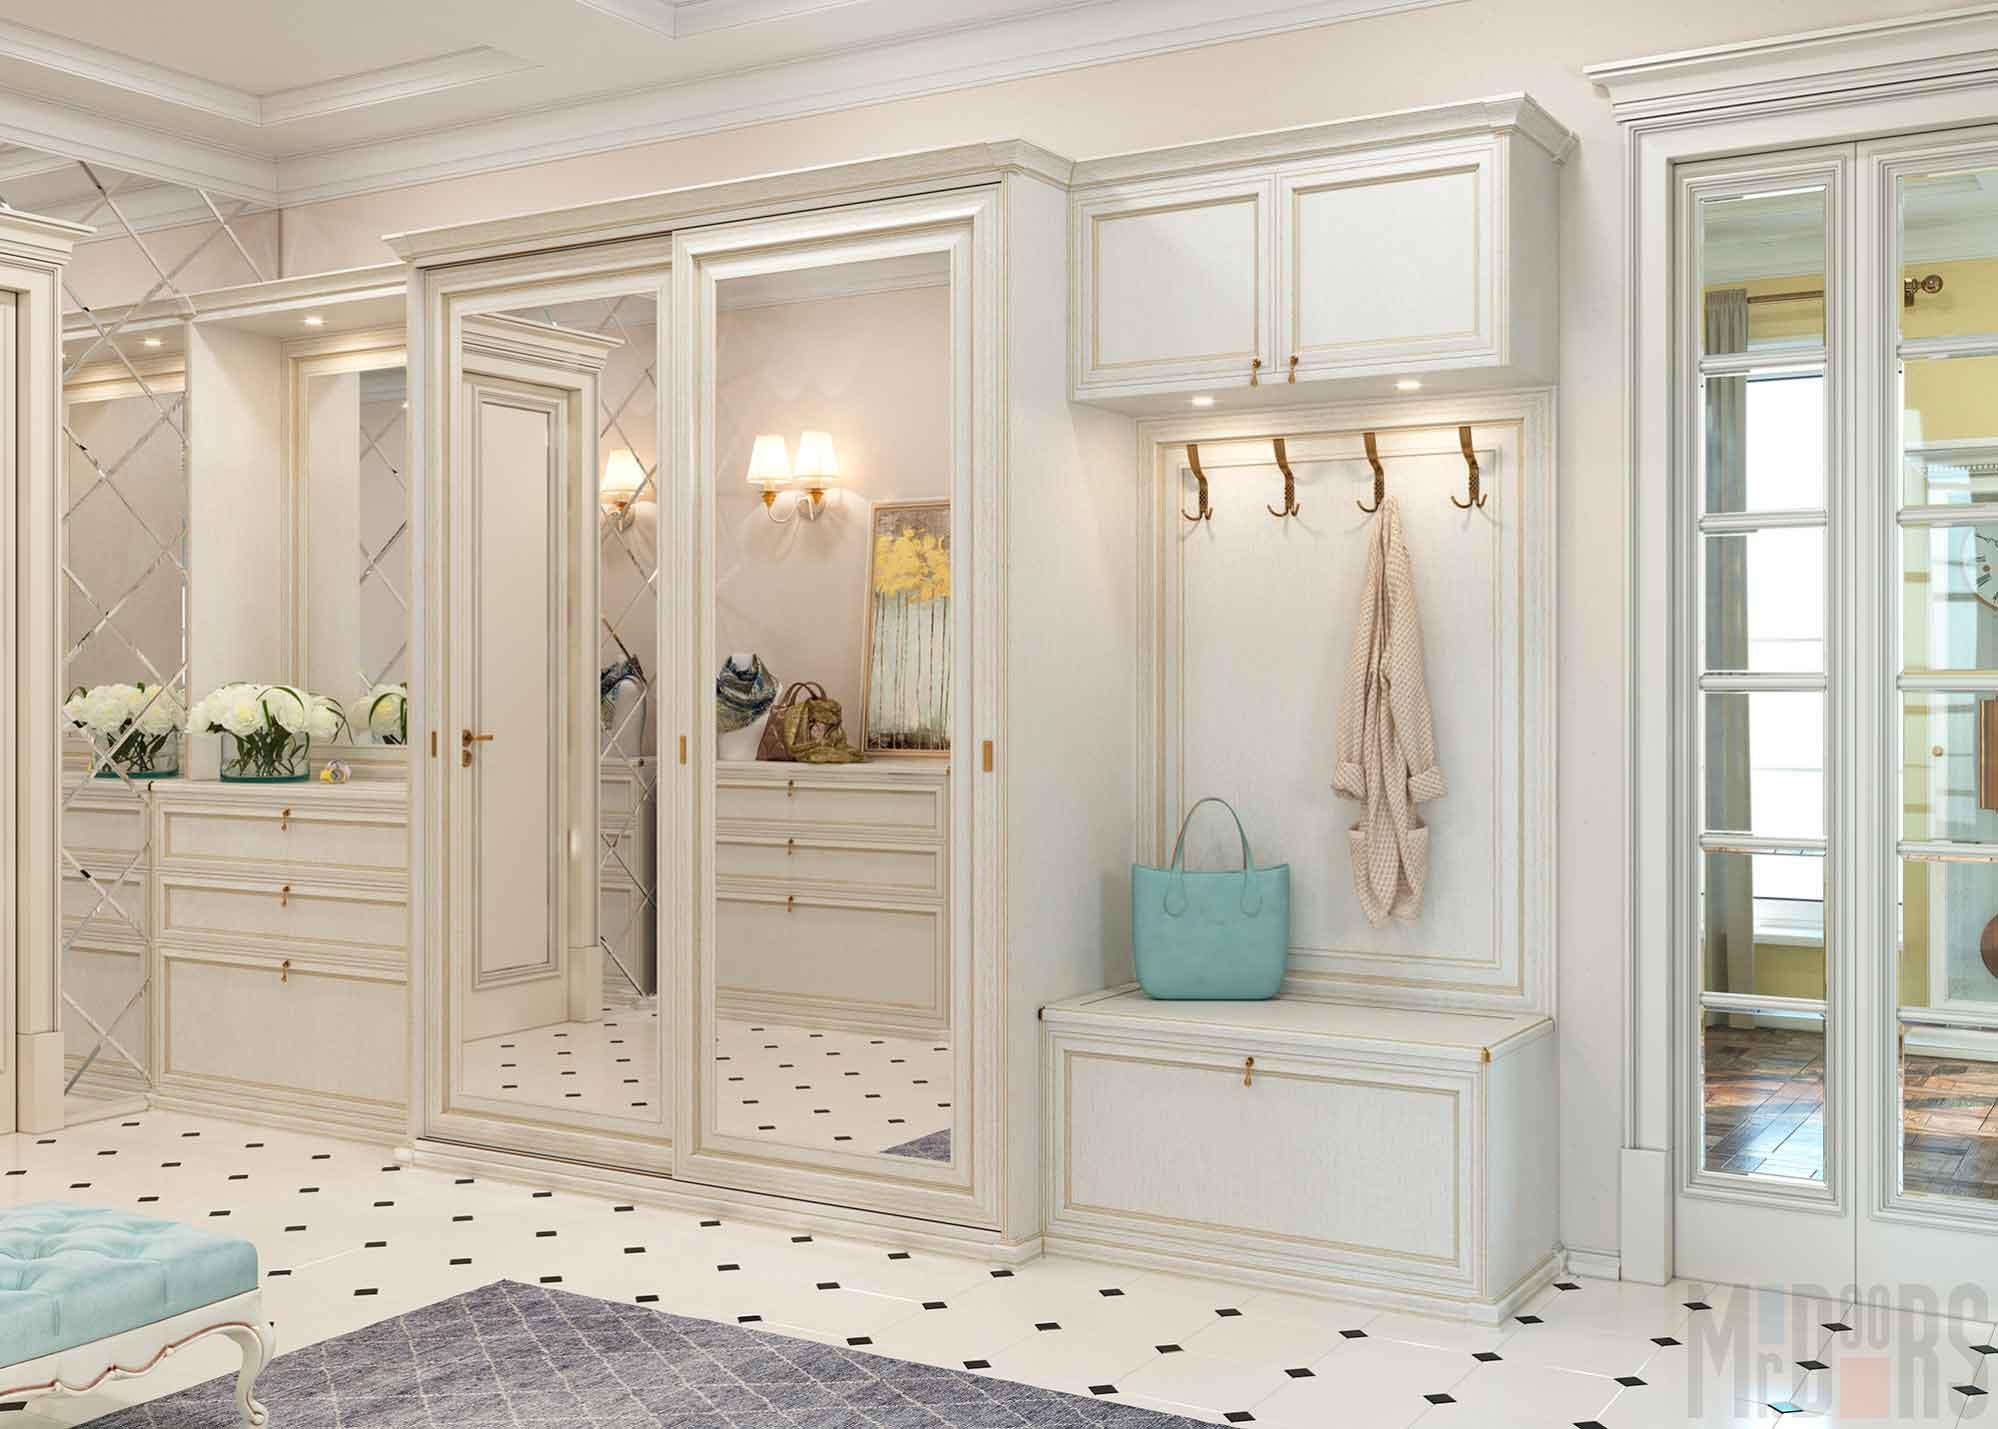 Интерьер квартиры в стиле модерн, варианты дизайна для спальни, прихожей + фото